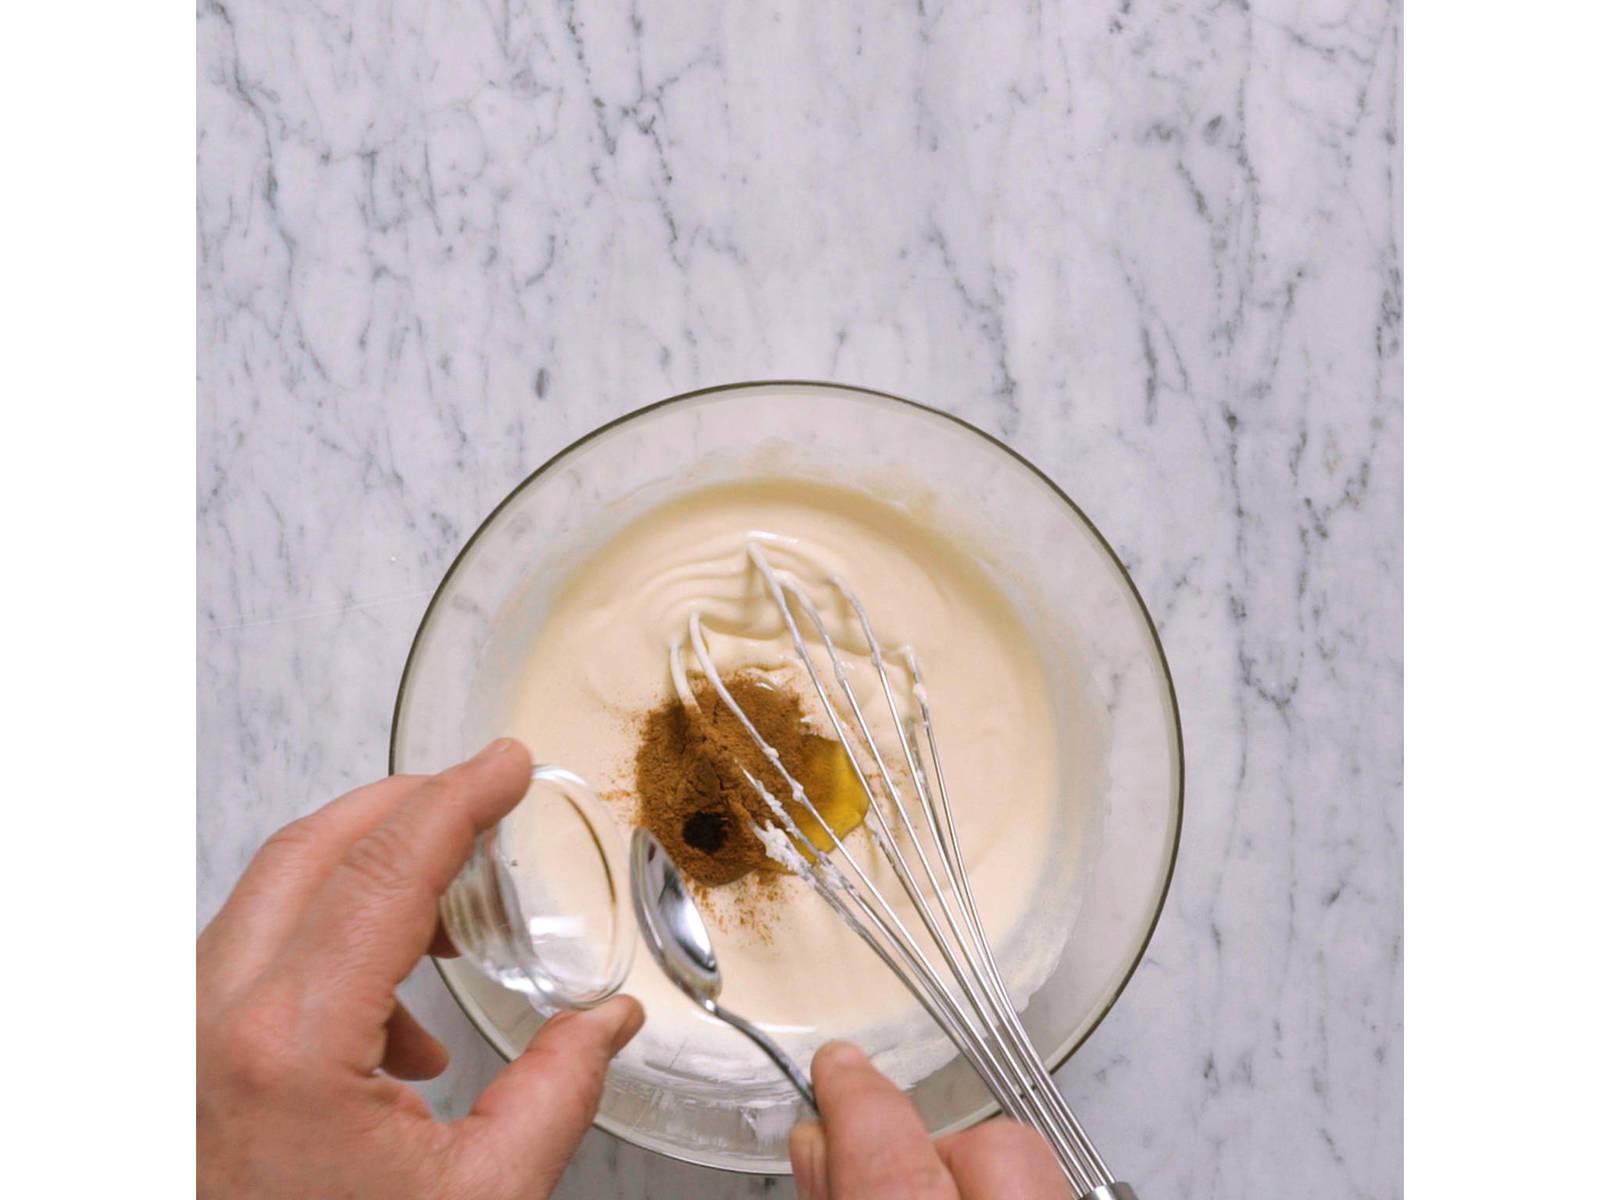 Für die Zimtcreme, Zucker und Eigelbe in einer kleinen Schüssel mit dem Schneebesen hell und schaumig aufschlagen. Mascarpone, Honig, Vanillemark und gemahlenen Zimt unterheben. Ca. 15 – 20 Min. kalt stellen.